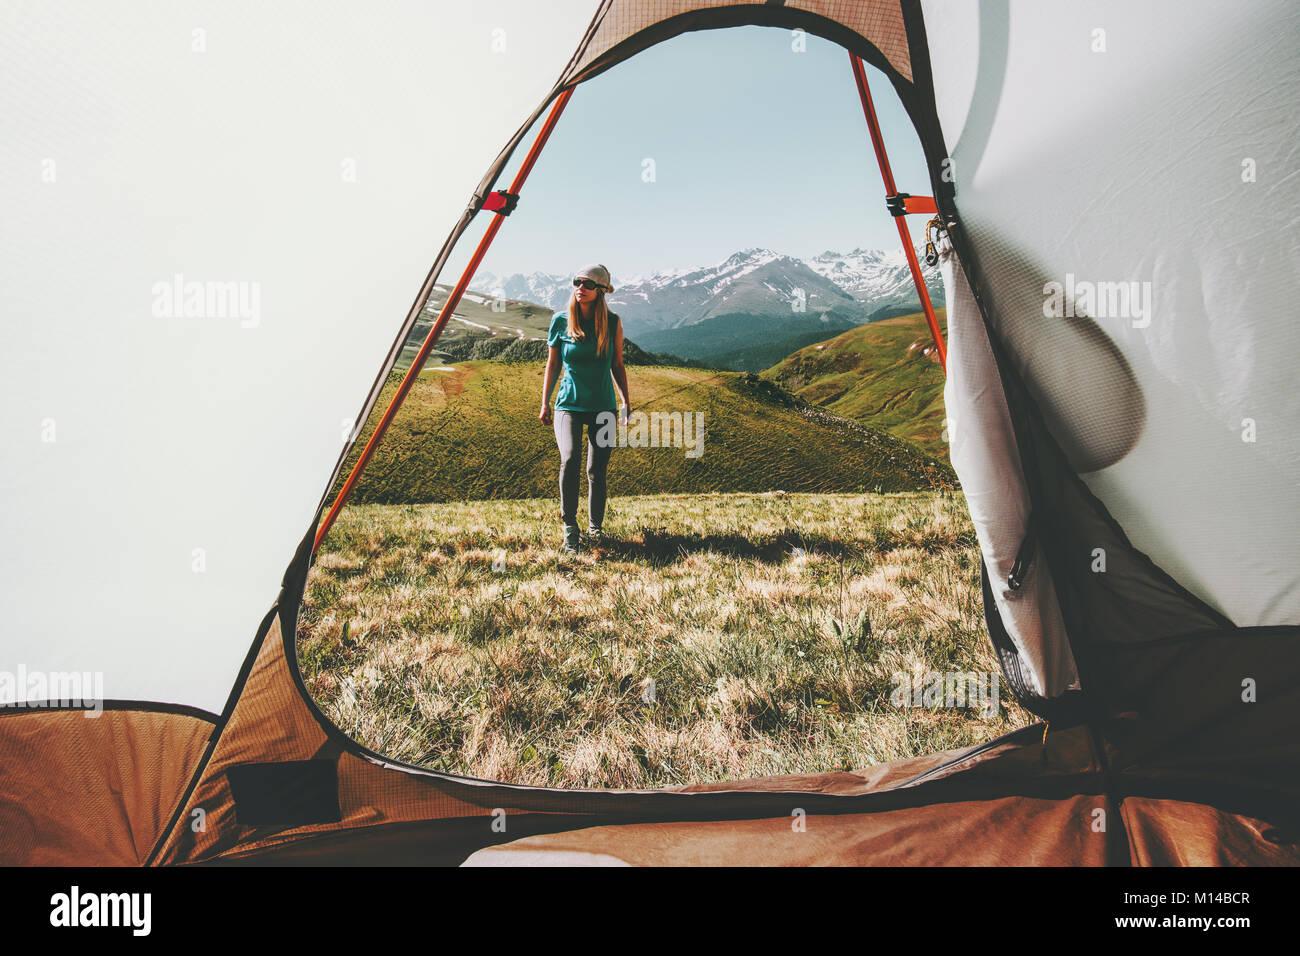 Woman traveler marche dans les montagnes depuis l'entrée de la tente camping outdoor Lifestyle voyage vacances Photo Stock